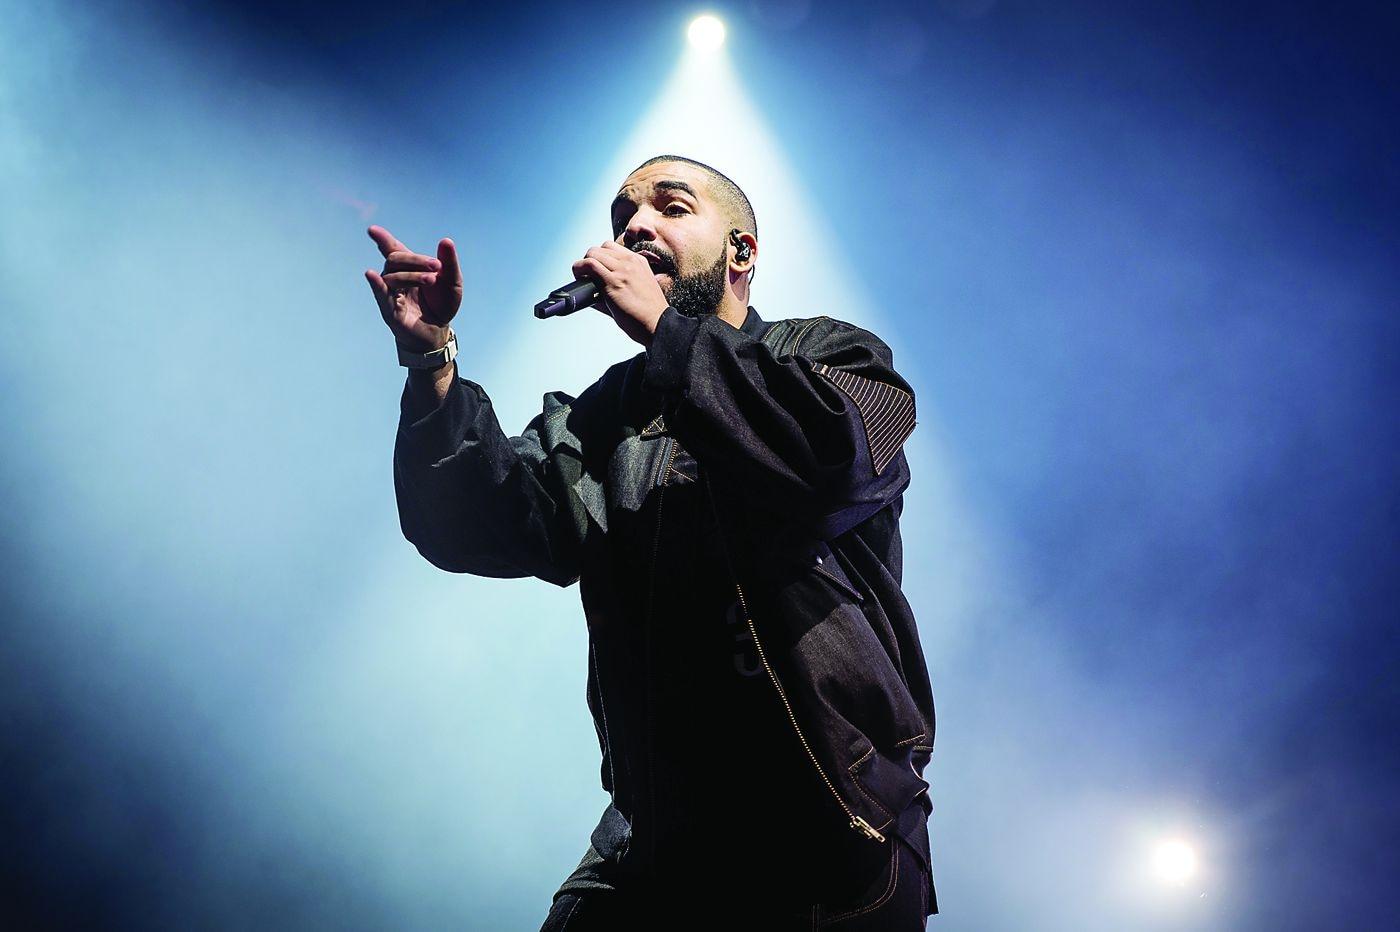 Drake lost nearly $200,000 gambling in Atlantic City, report says